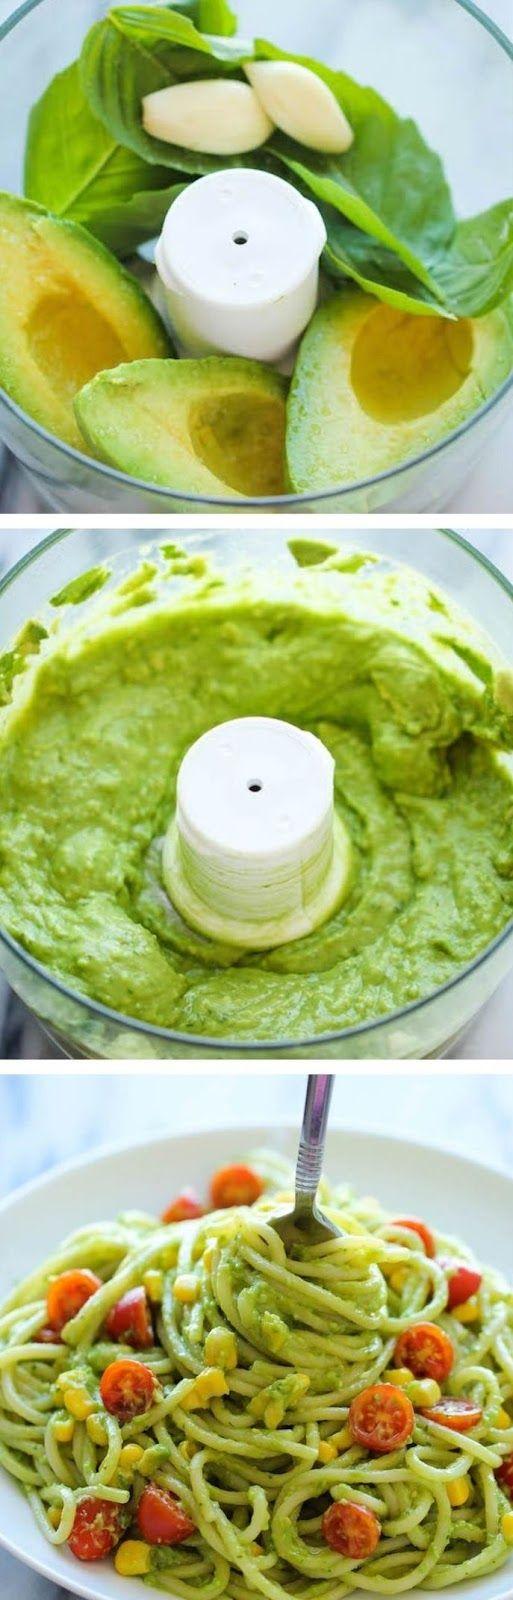 Ricette originali in una foto: pasta al pesto di avocado